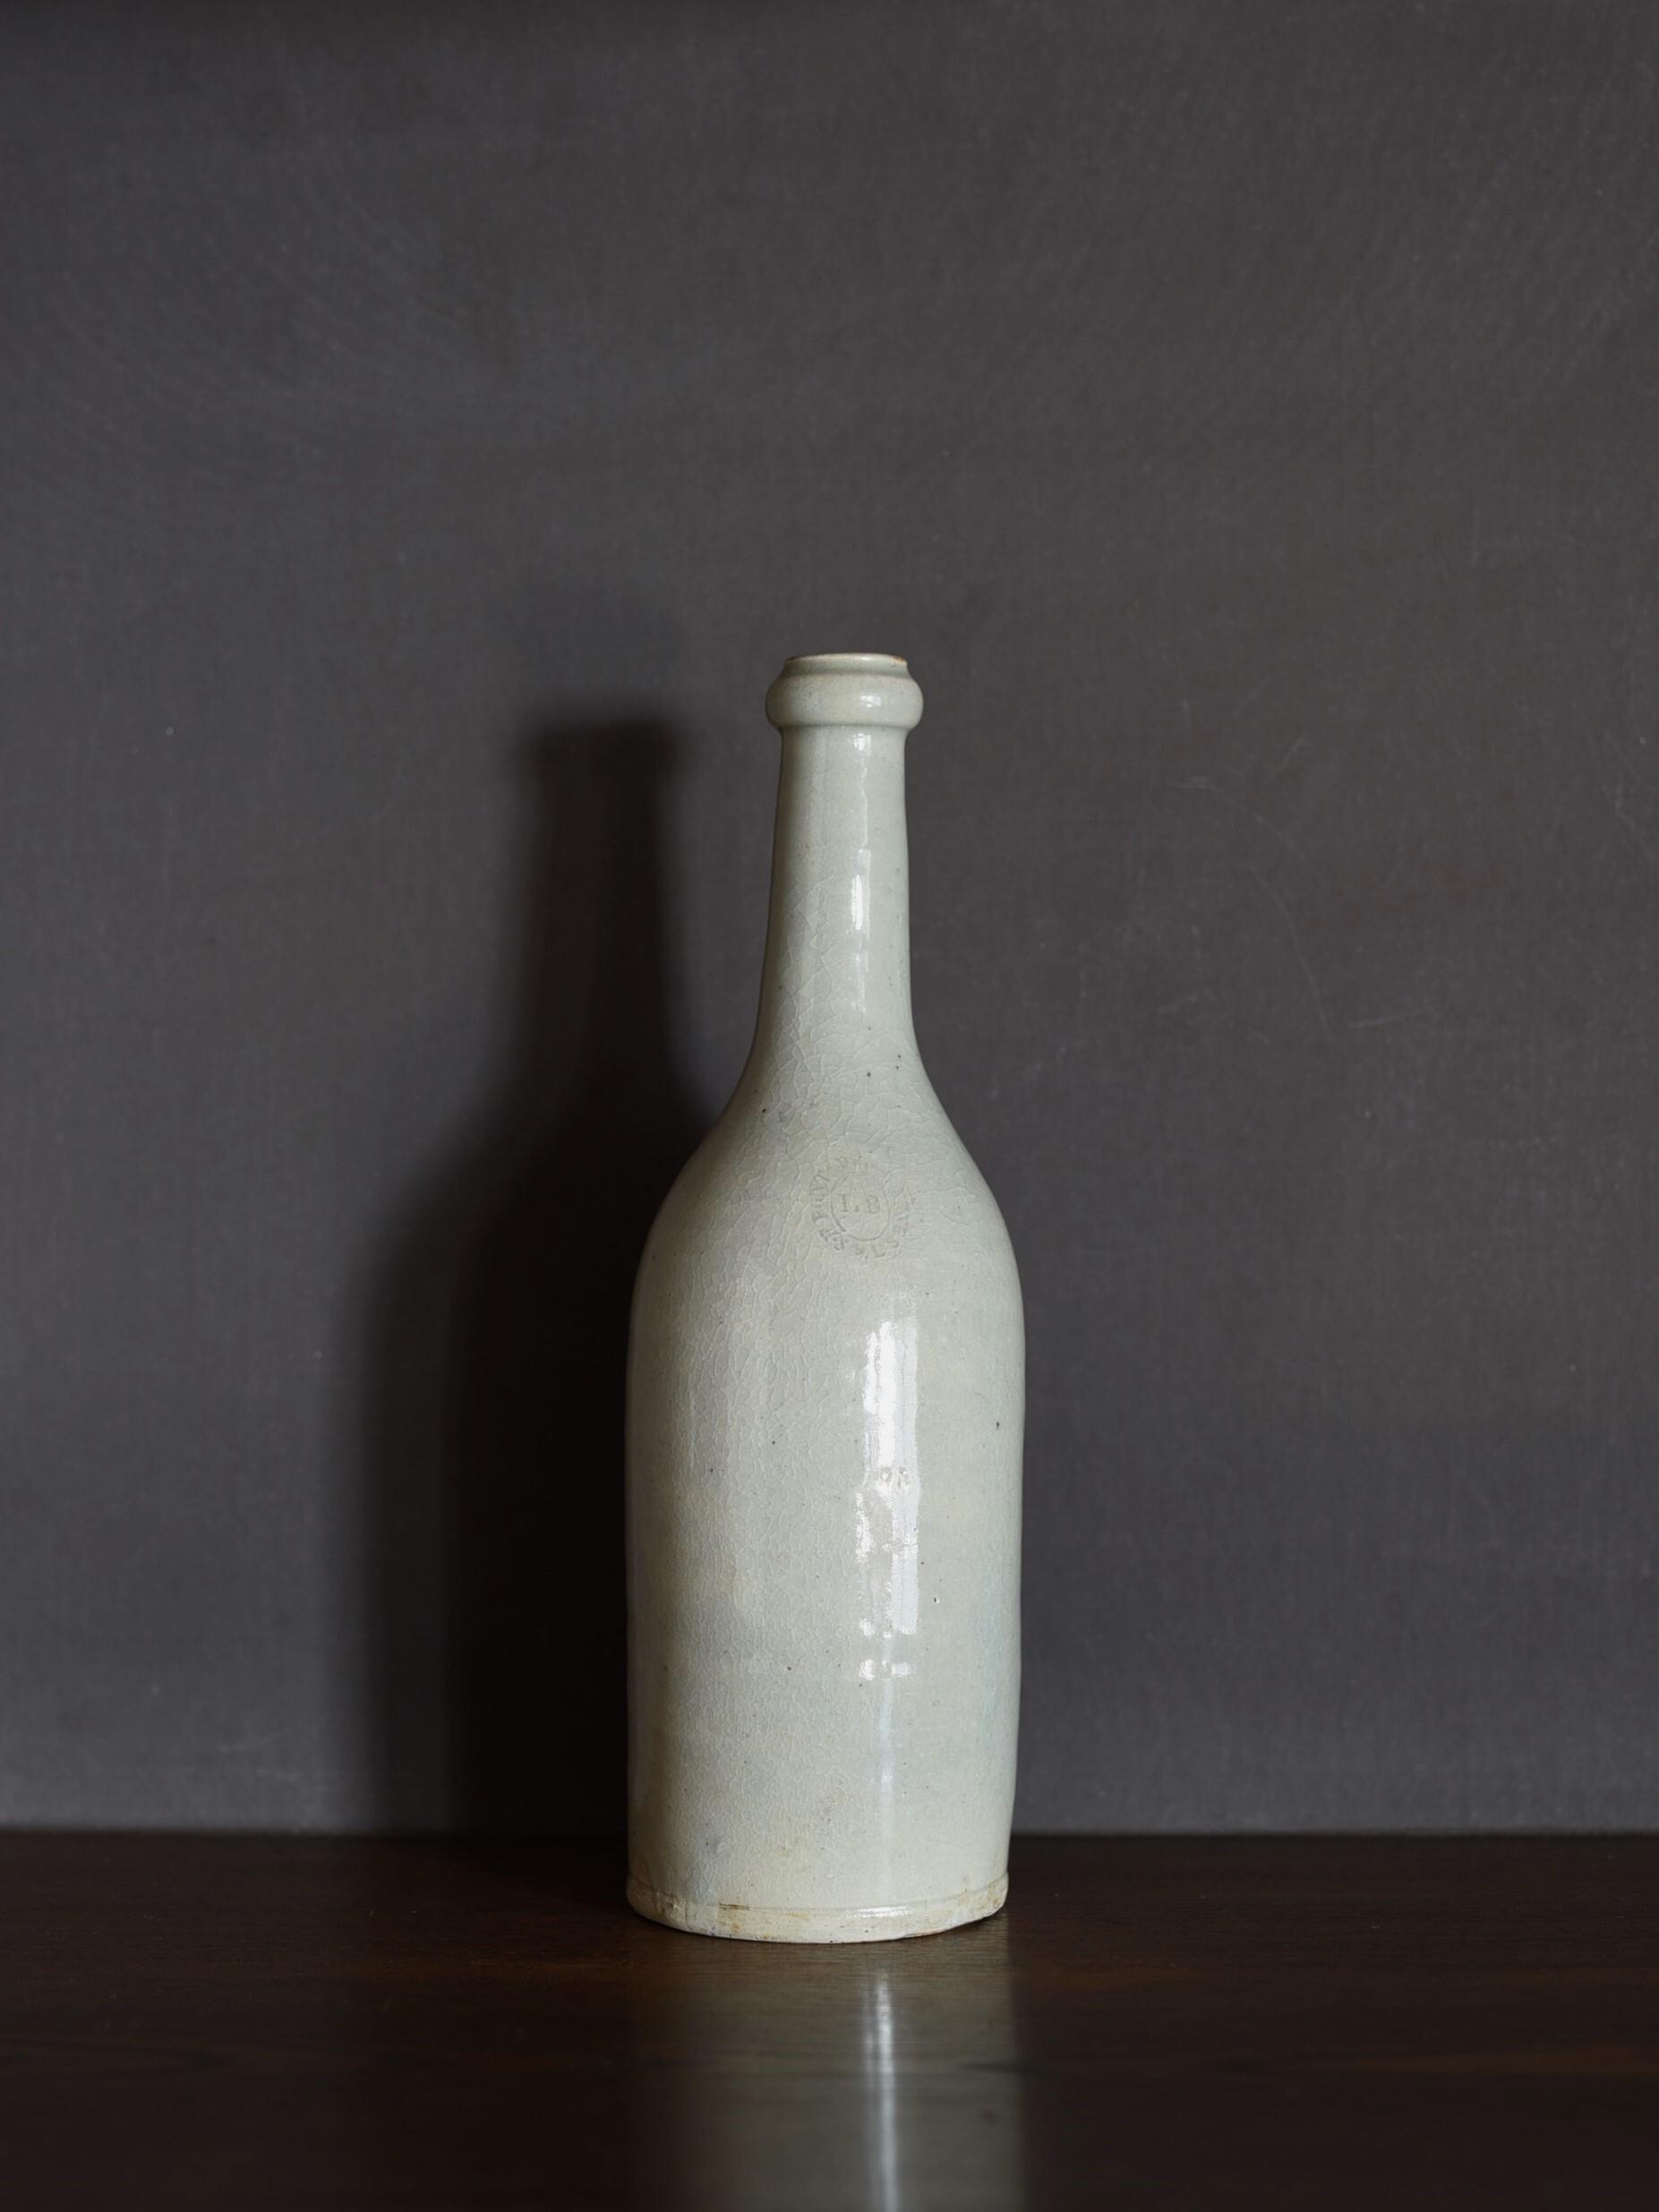 antique   ワインボトル-wine bottle